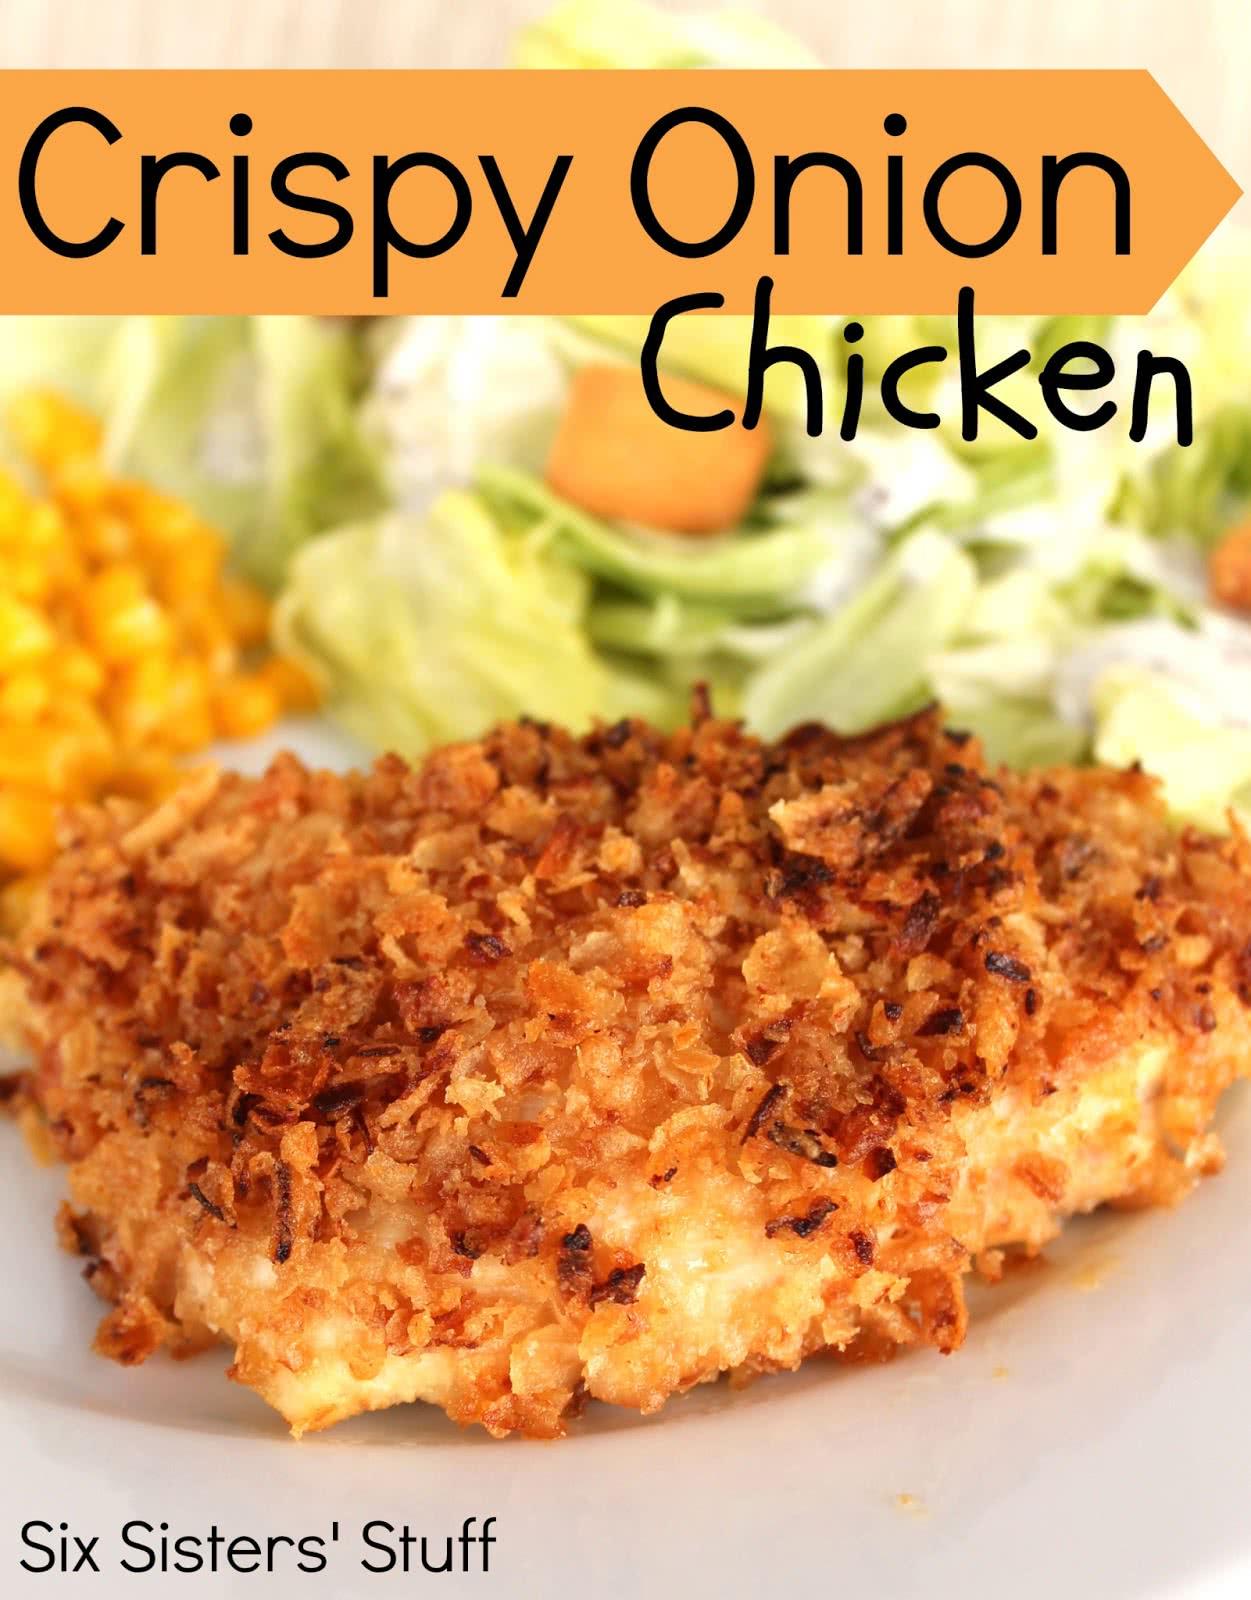 Crispy Onion Chicken Recipe